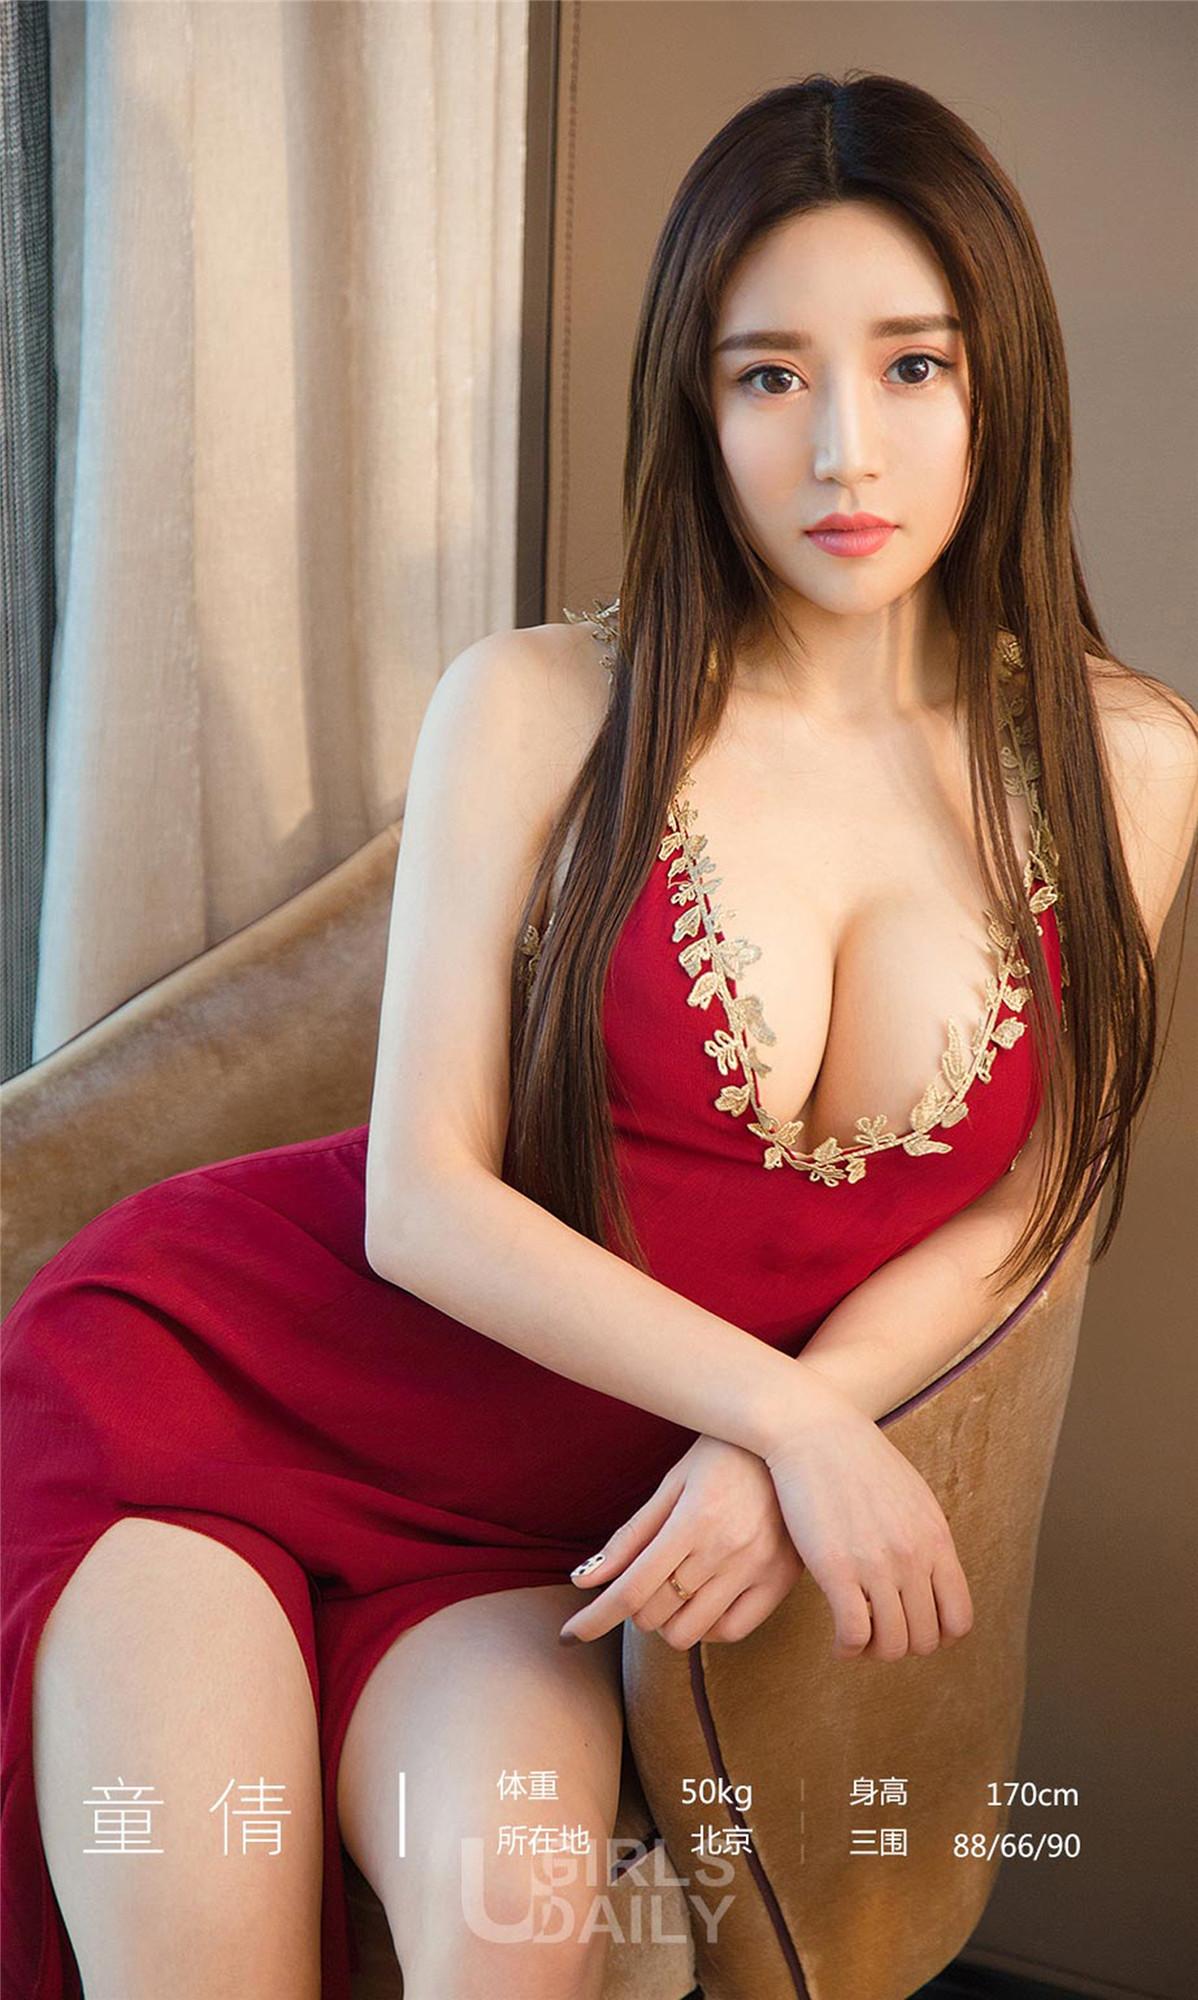 【性感美女】【童倩】极品美女童倩深V巨乳吊带美胸大胆裸露人体艺术图片【33P】 写真集